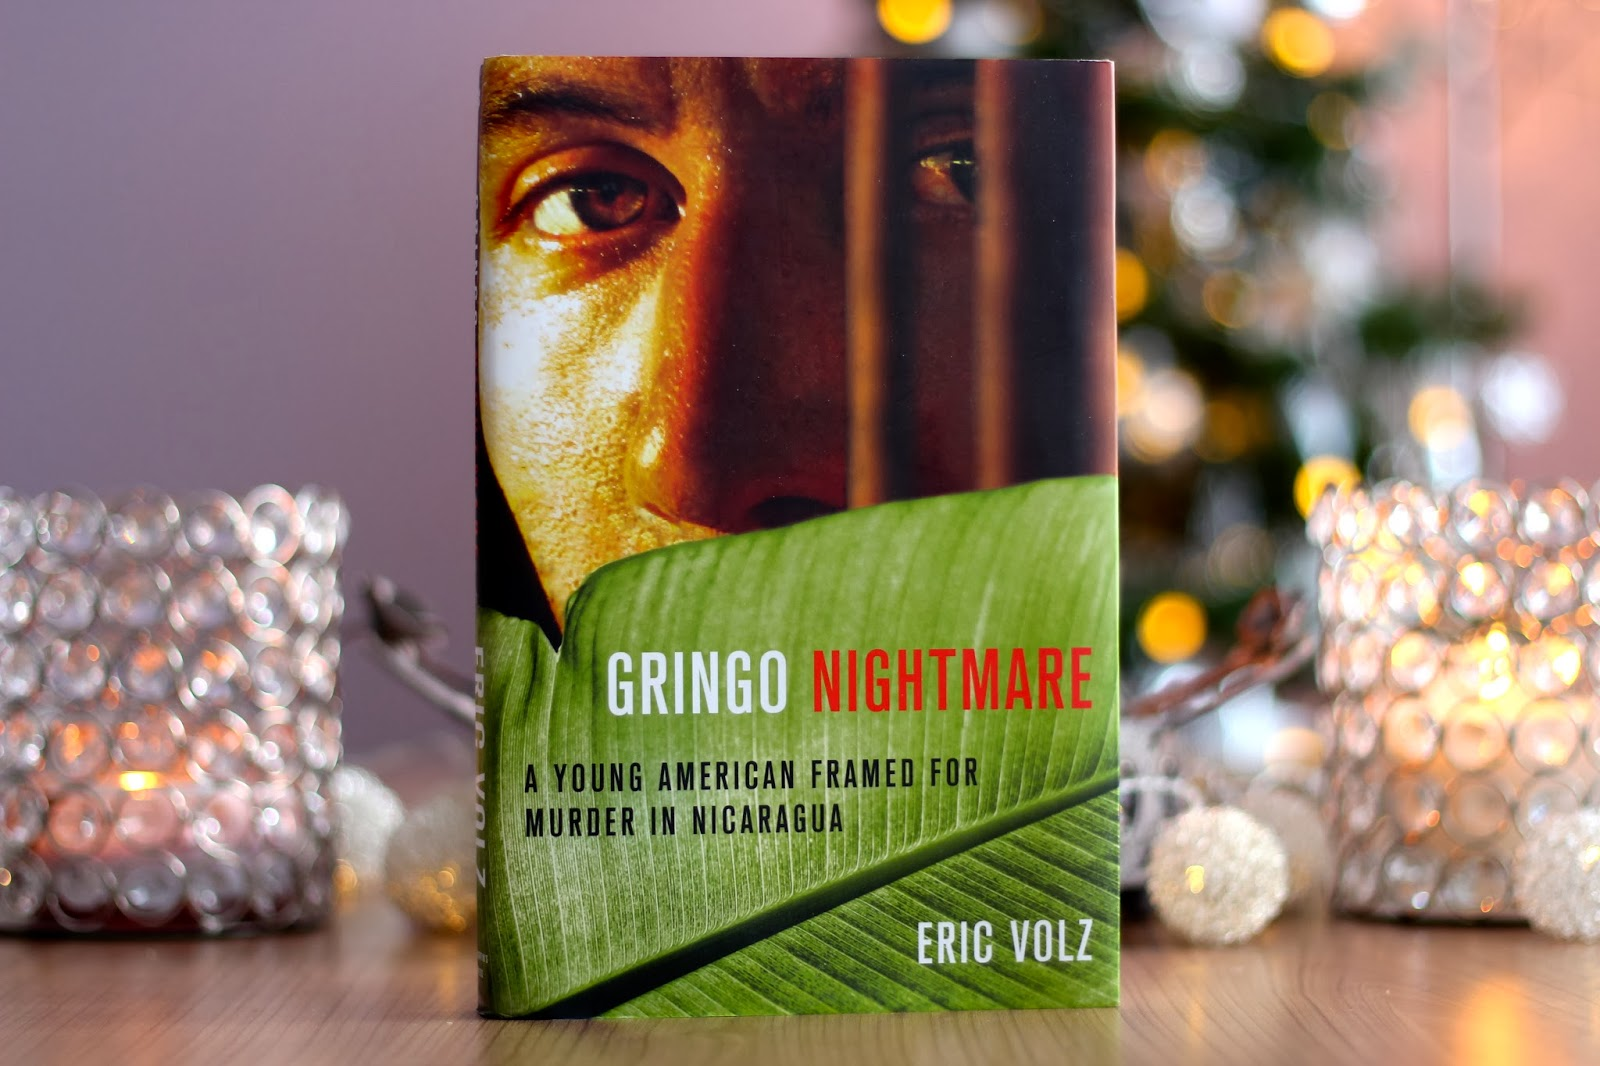 l&c-book-club-gringo-nightmare-eric-volz